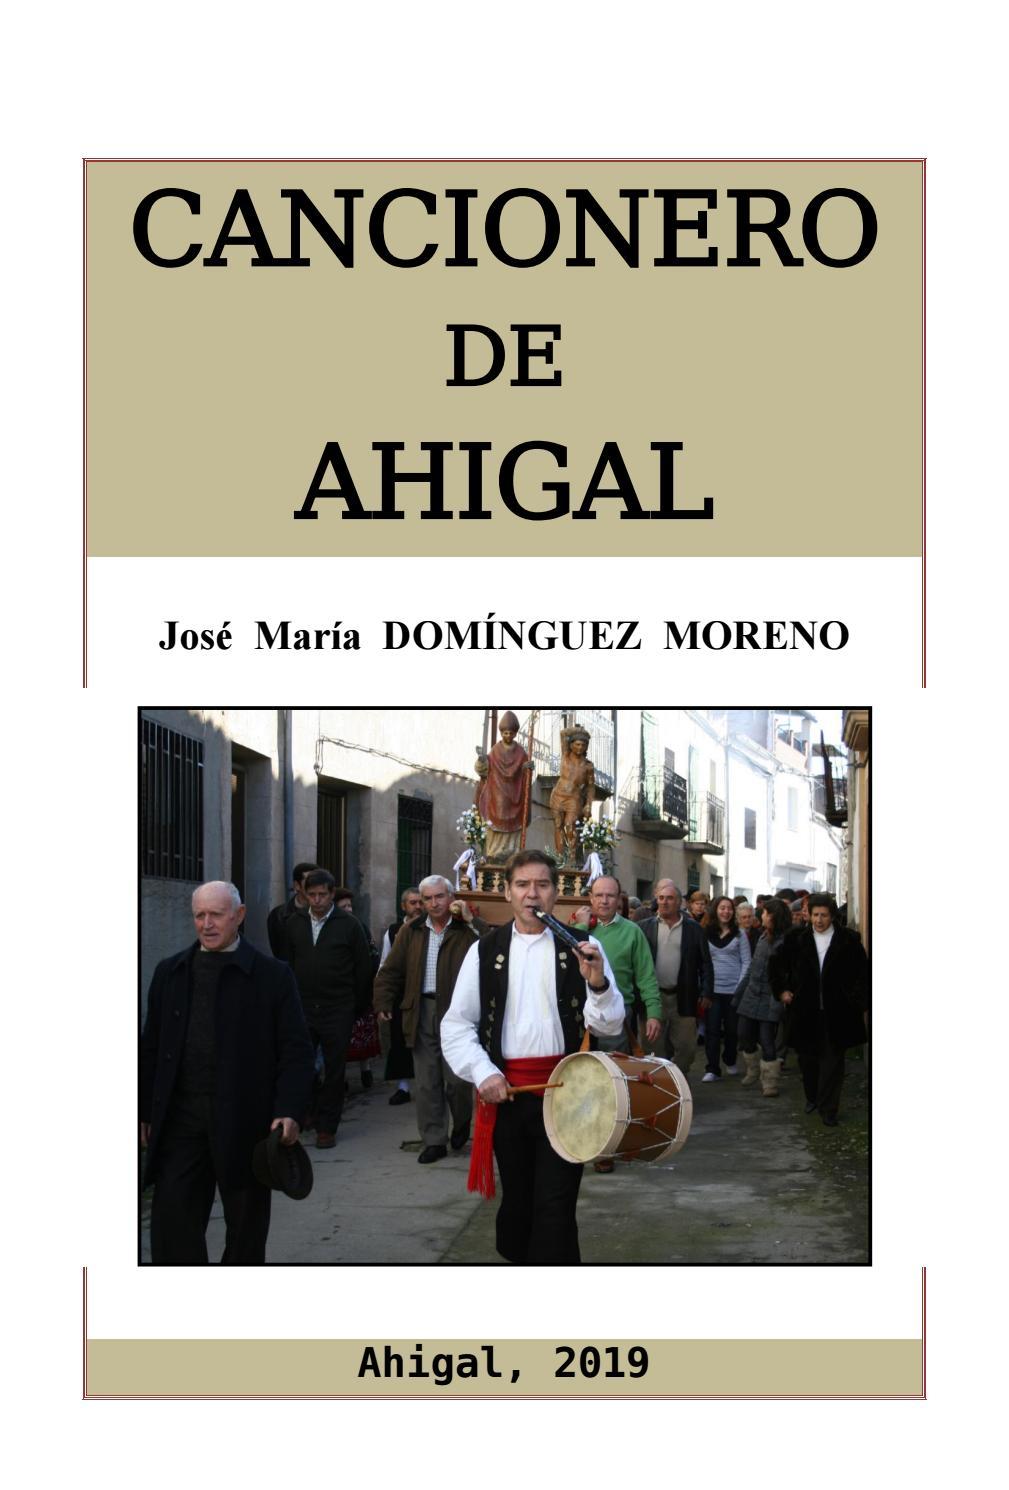 ef15245c0e Cancionero de Ahigal por José María Domínguez Moreno by Biblioteca Virtual  Extremeña - issuu